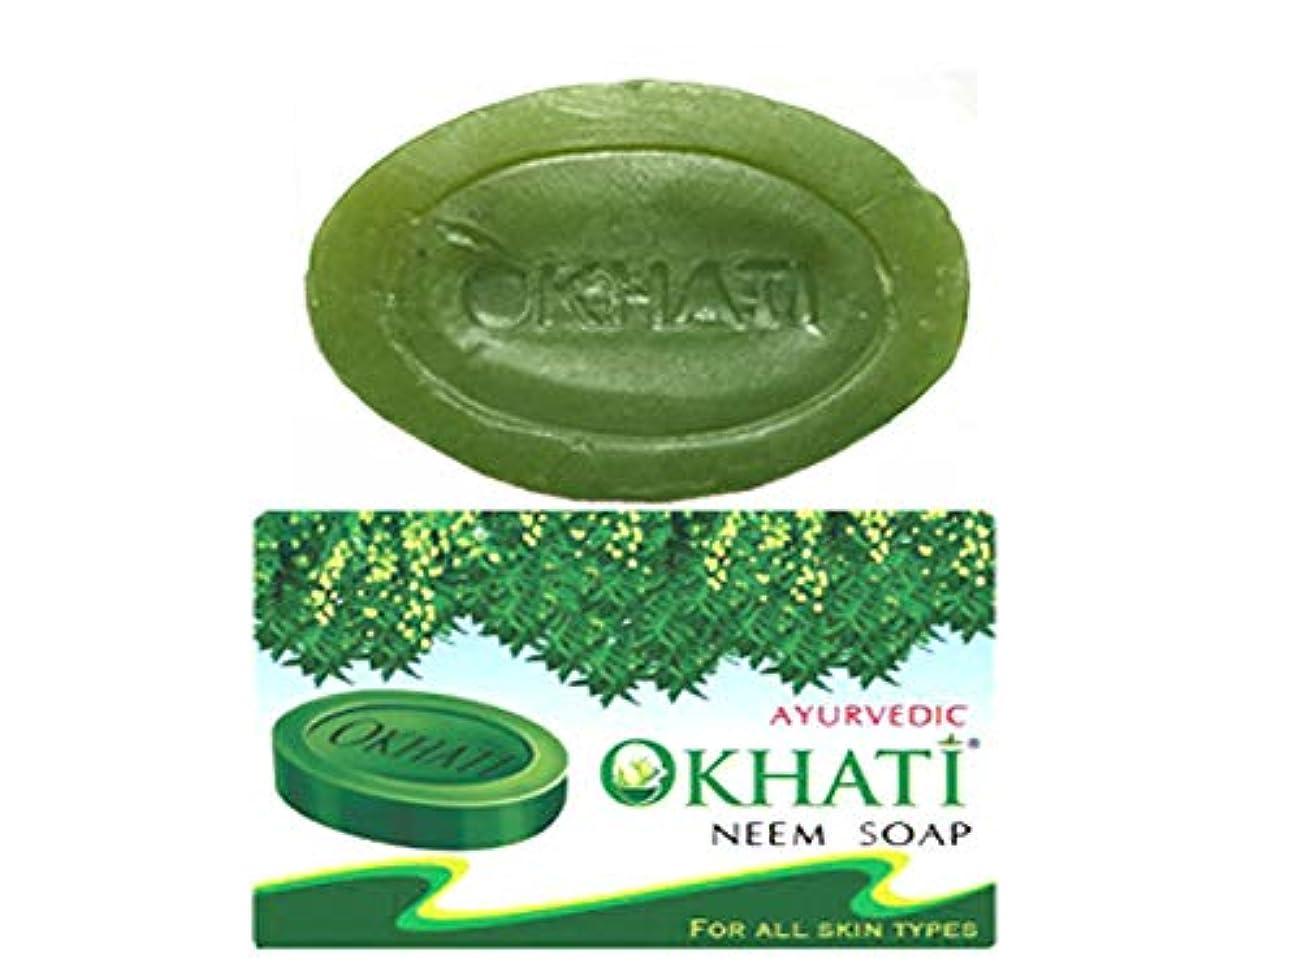 シーケンスライセンス借りているオカティ ニーム ソープ 75g AYURVEDEC OKHATI NEEM SOAP/NEPAL HIMALAYA SOAP ヒマラヤ石鹸